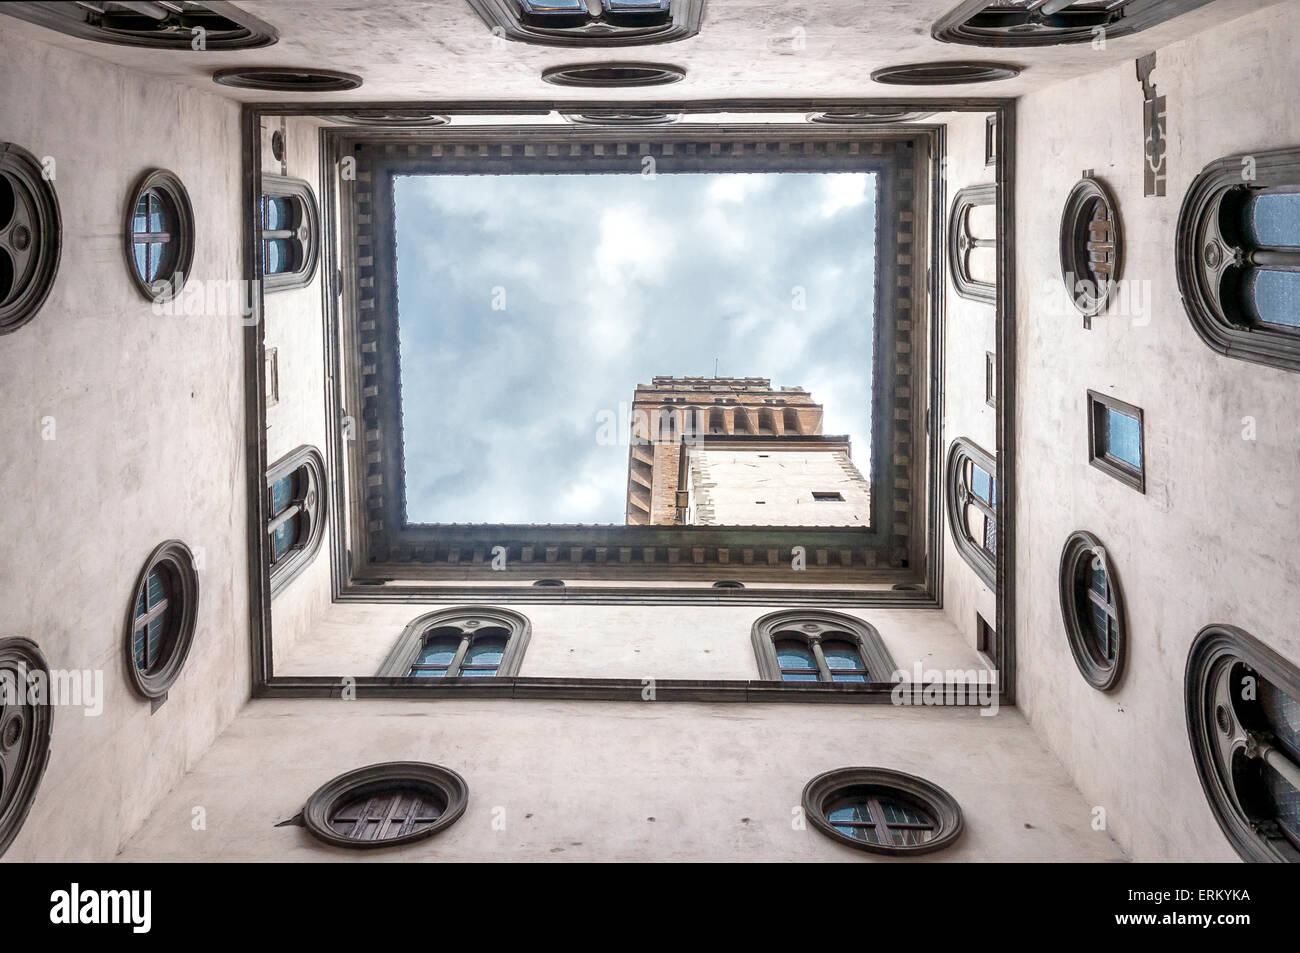 Palazzo Vecchio Architektur und Geometrien aus Hof in Florenz zu sehen. Stockbild